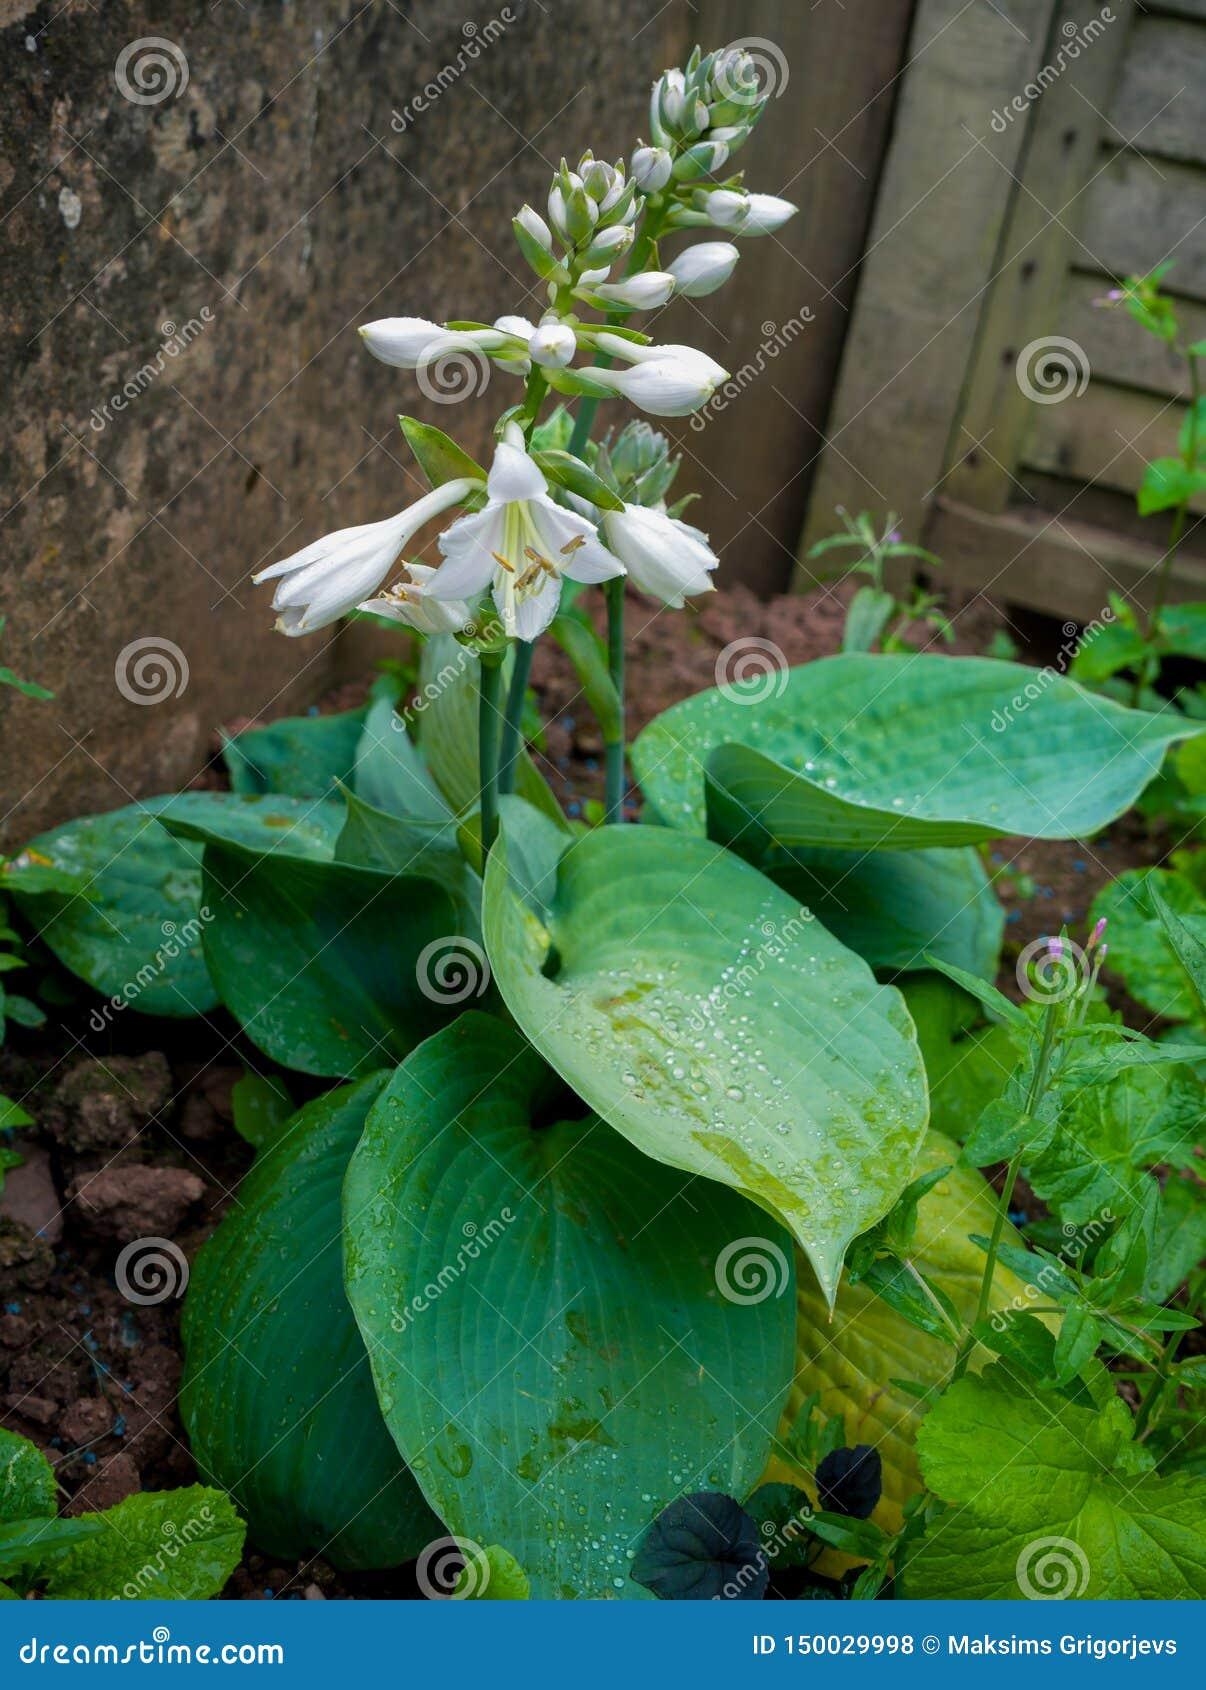 Hostaanlage, die im Hausgarten blüht